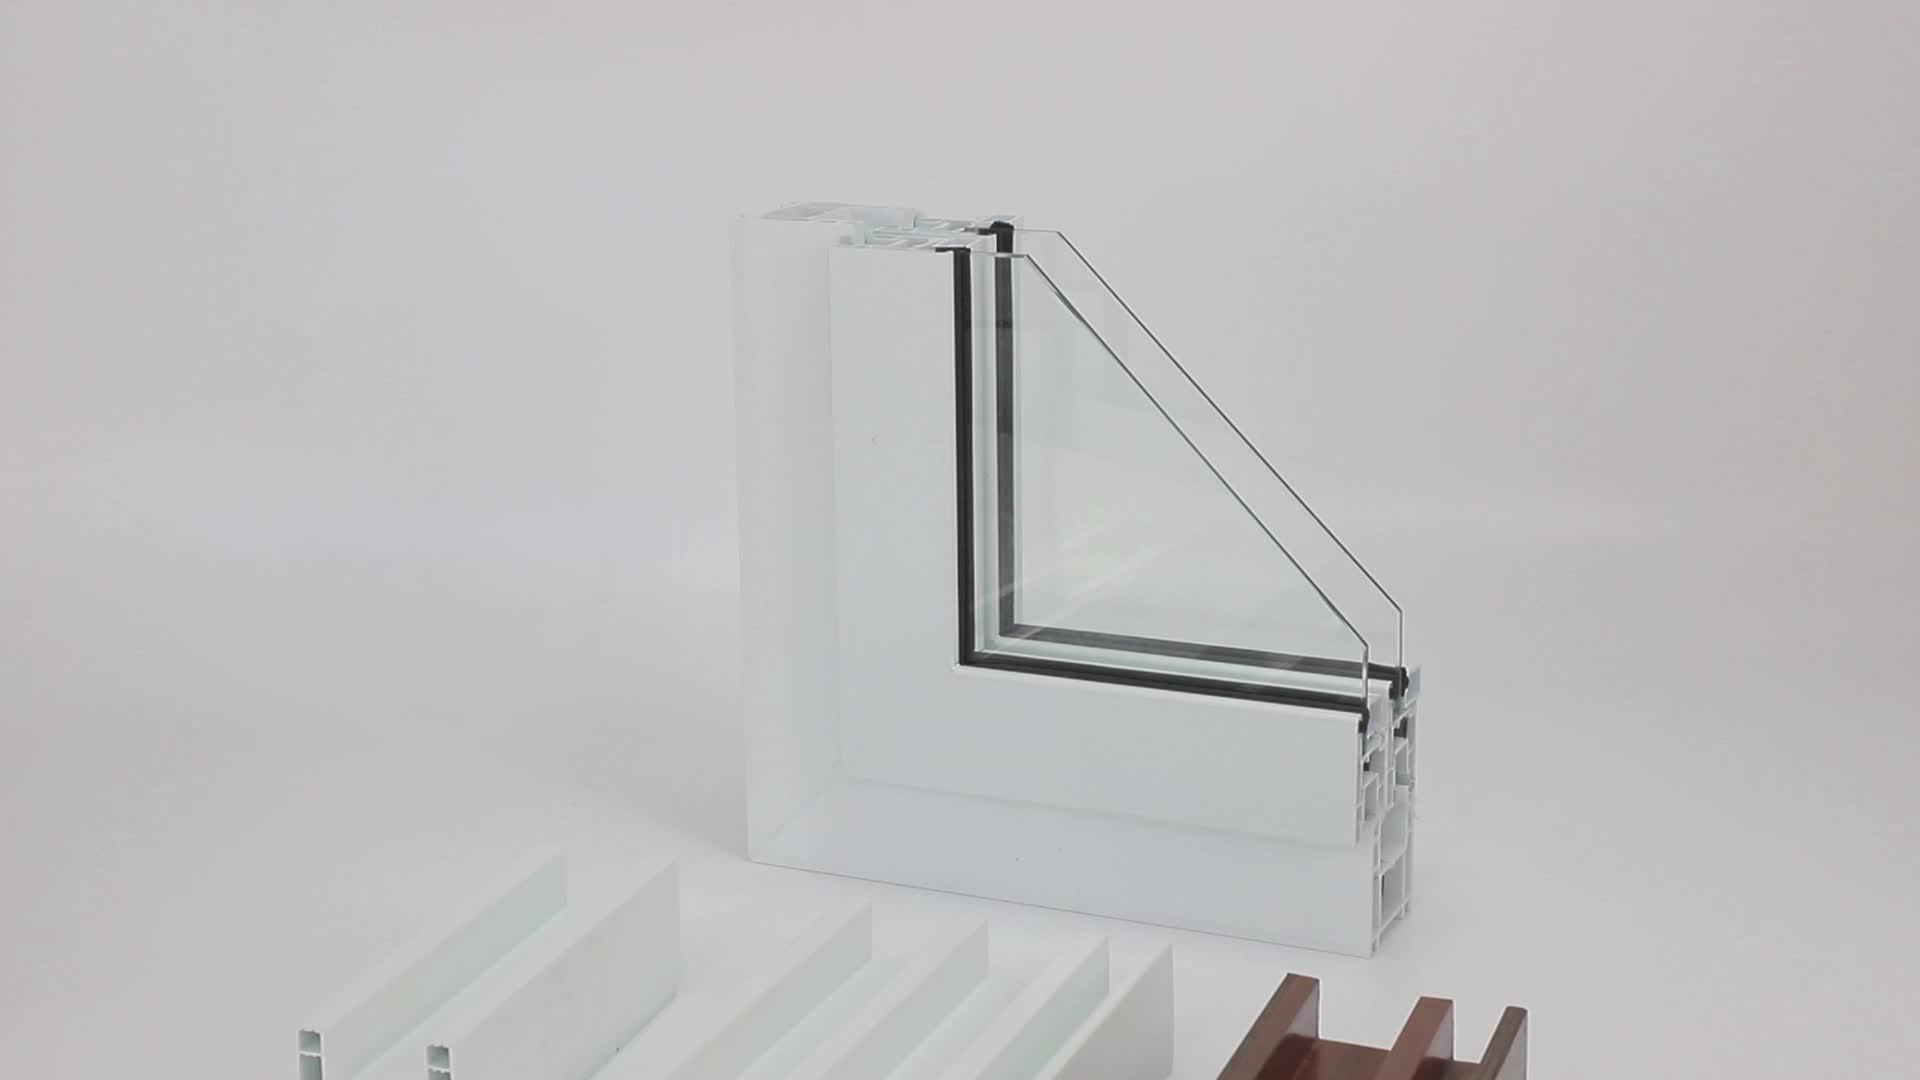 Nieuwste Moderne Huis Ontwerpen Orkaan Impact Geluiddichte/Thermische Breken Pvc/Upvc Plastic Gehard Glas Openslaande Ramen Deuren